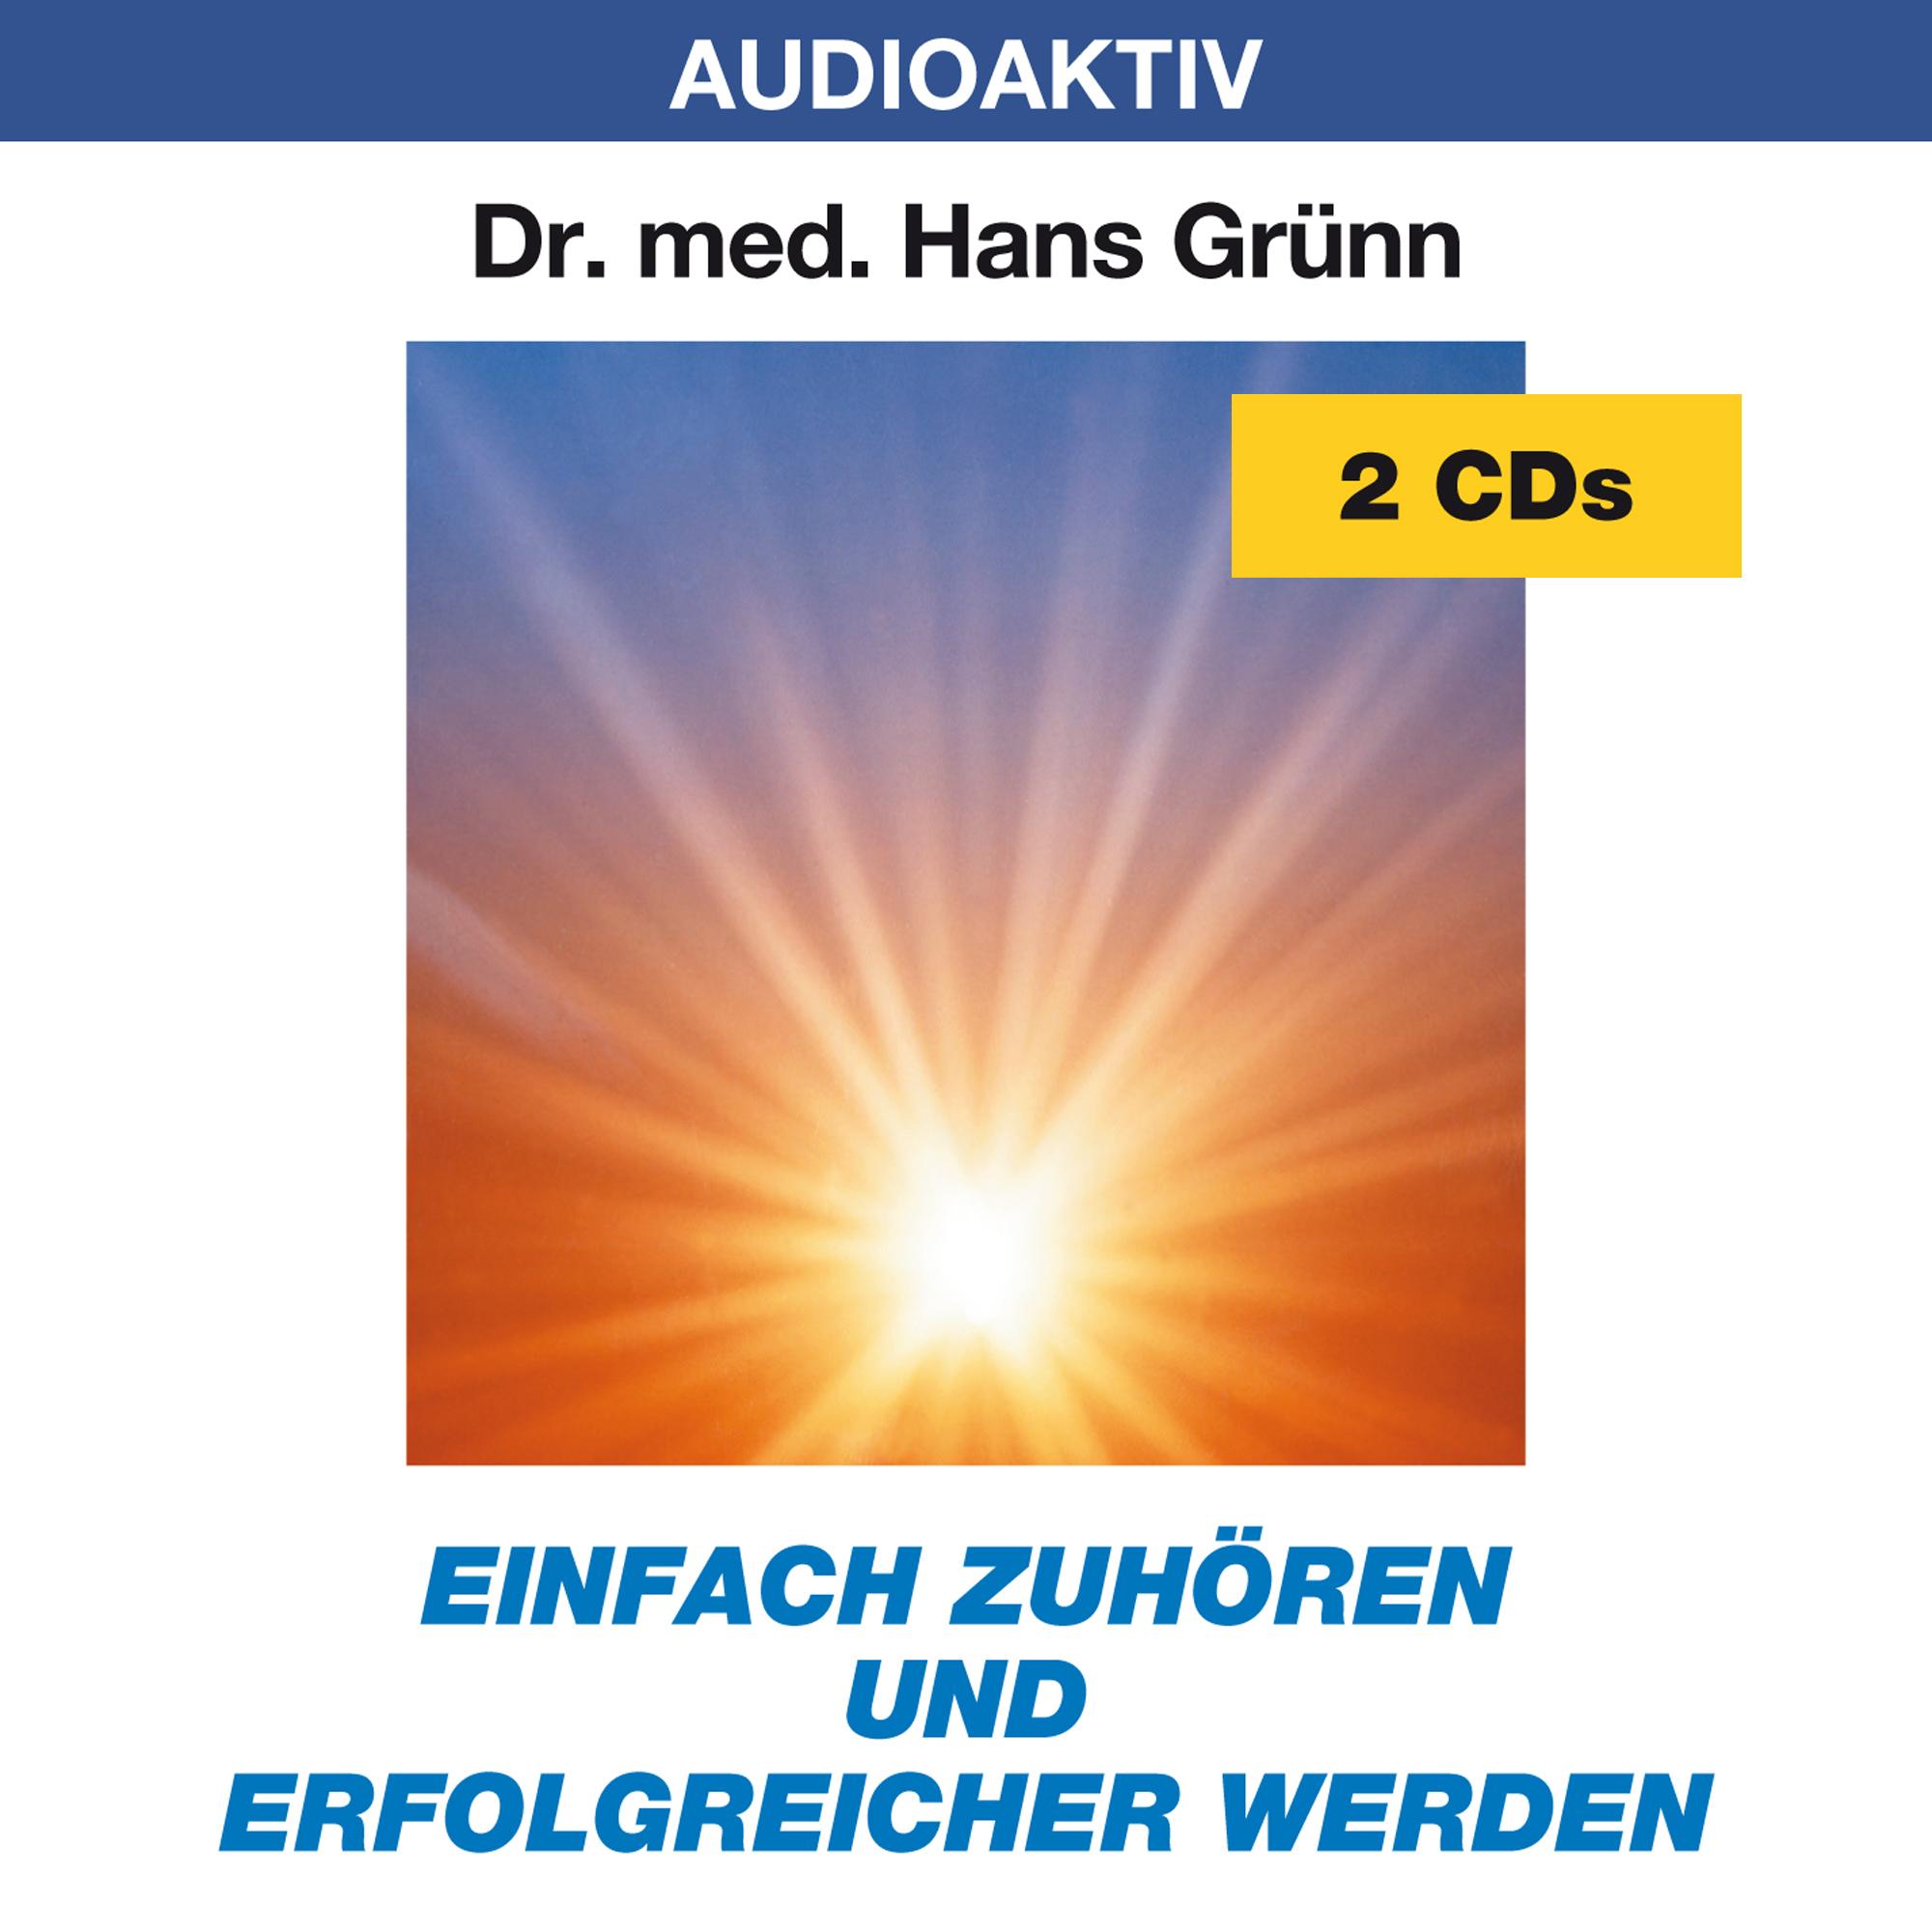 Einfach zuhören und erfolgreicher werden.2 CD Hans Grünn